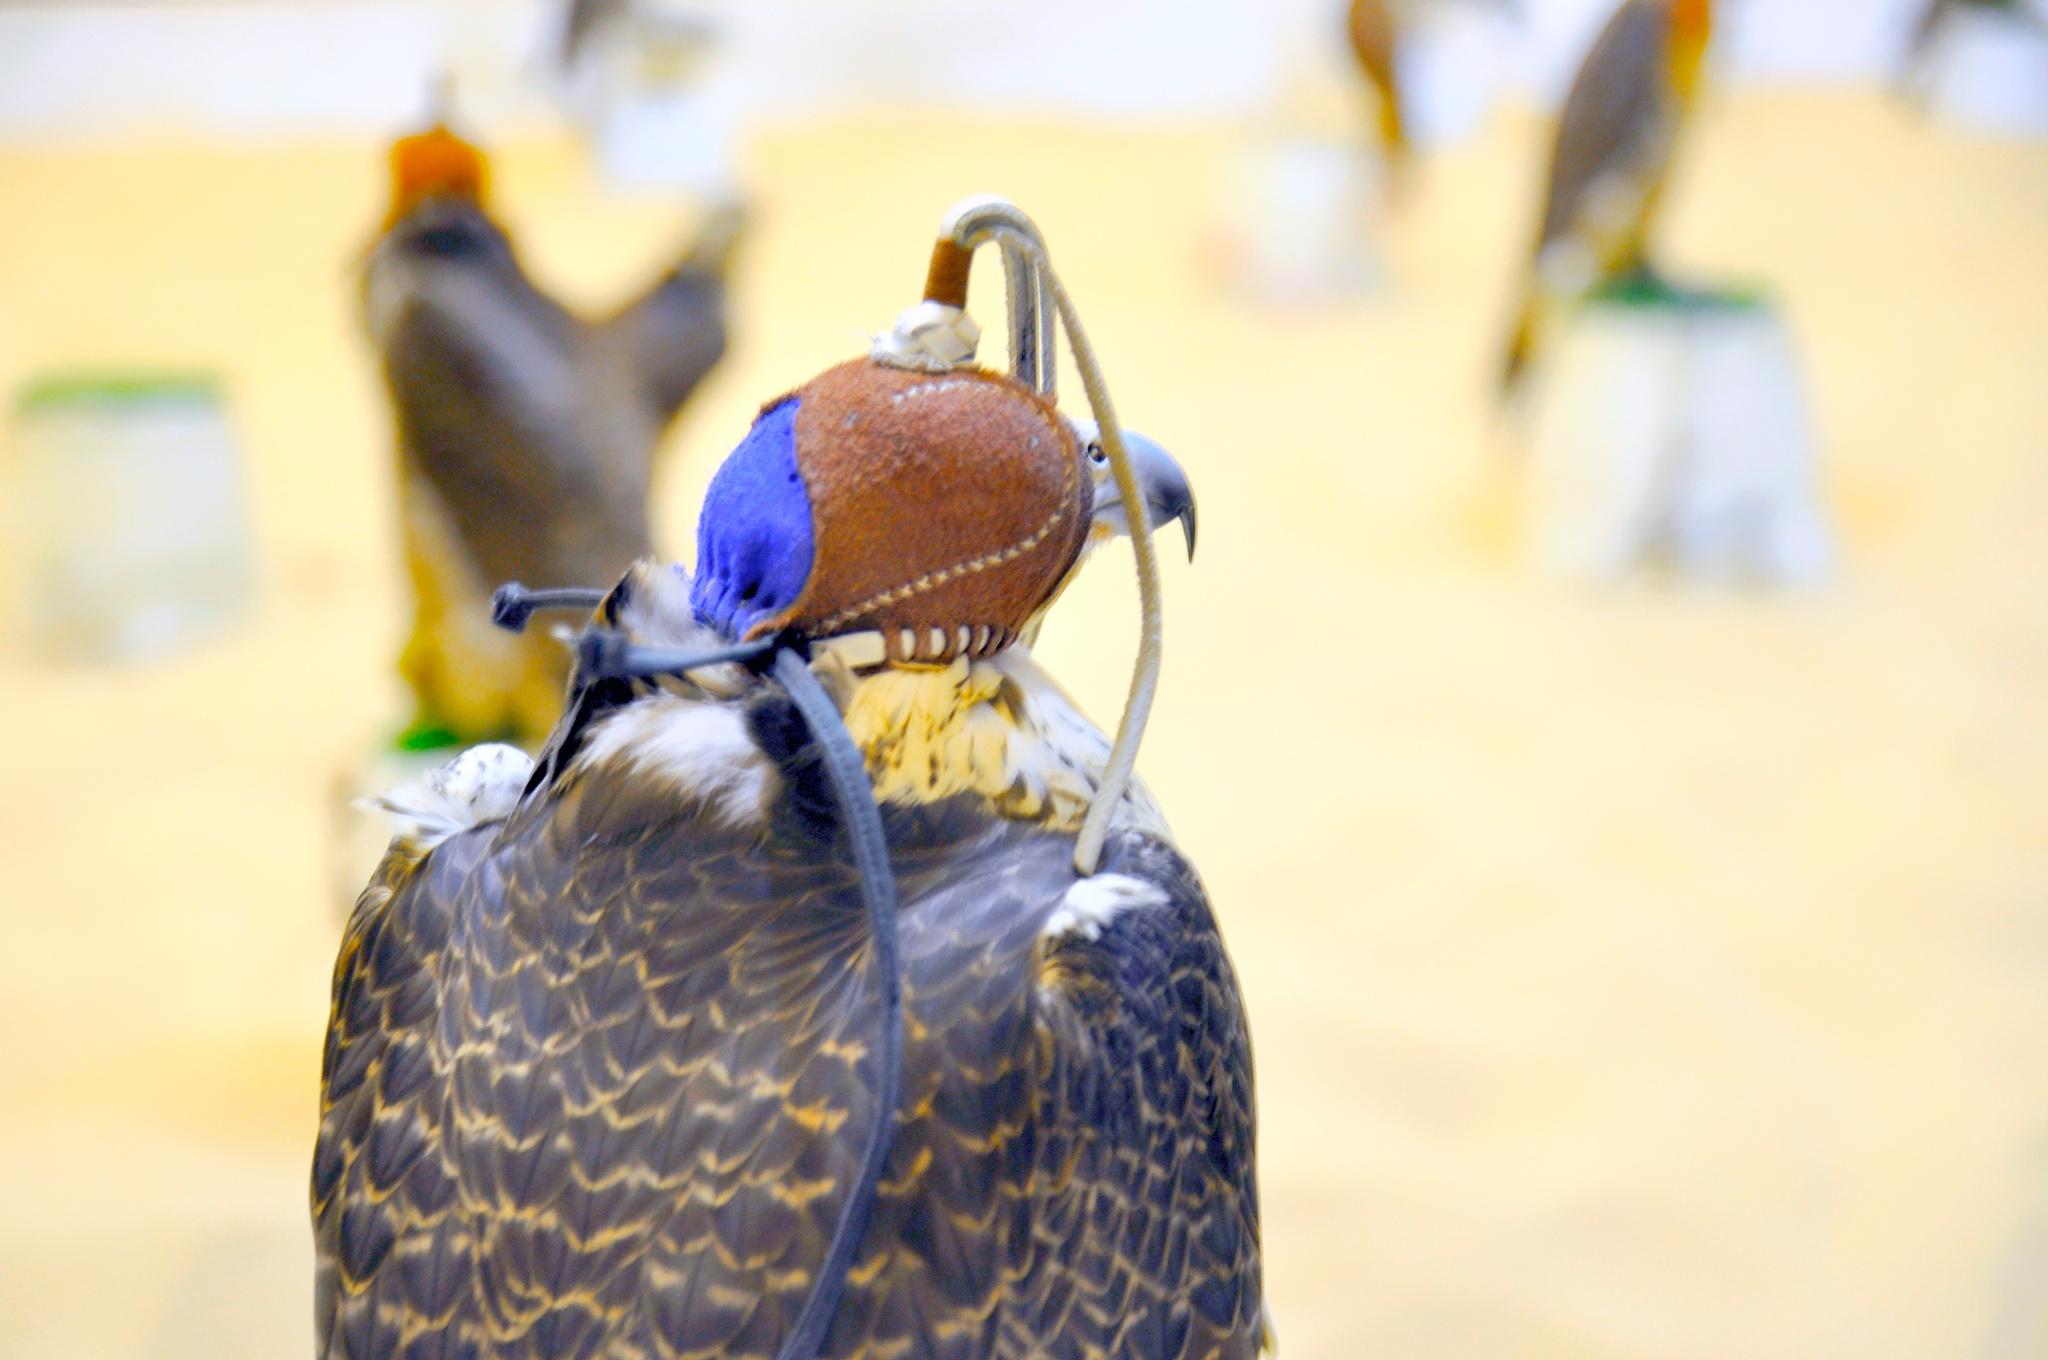 The Masked Arabian Hawk by Sadiq Ali AlQatari